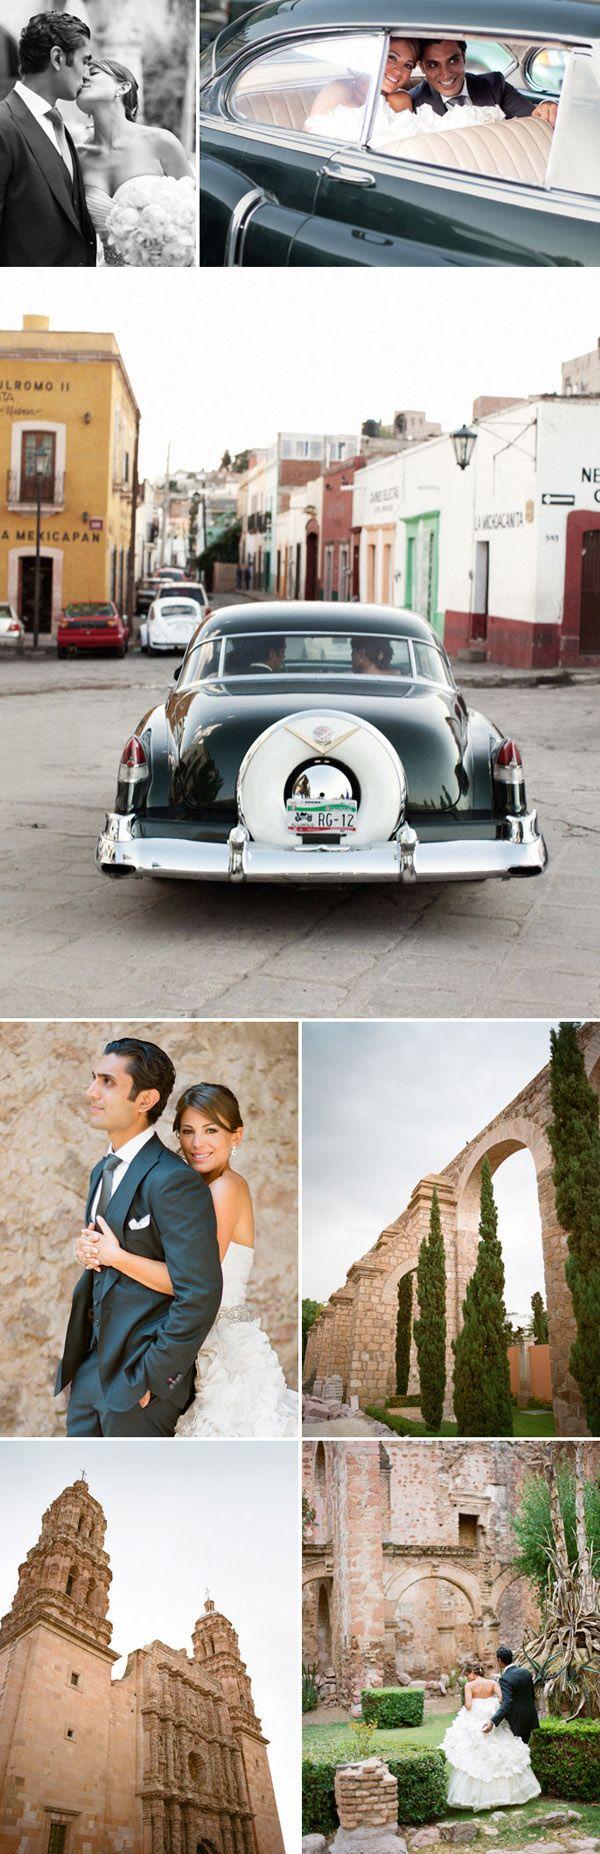 Regina & Zaheen: boda en Zacatecas mexico_8_600x1854